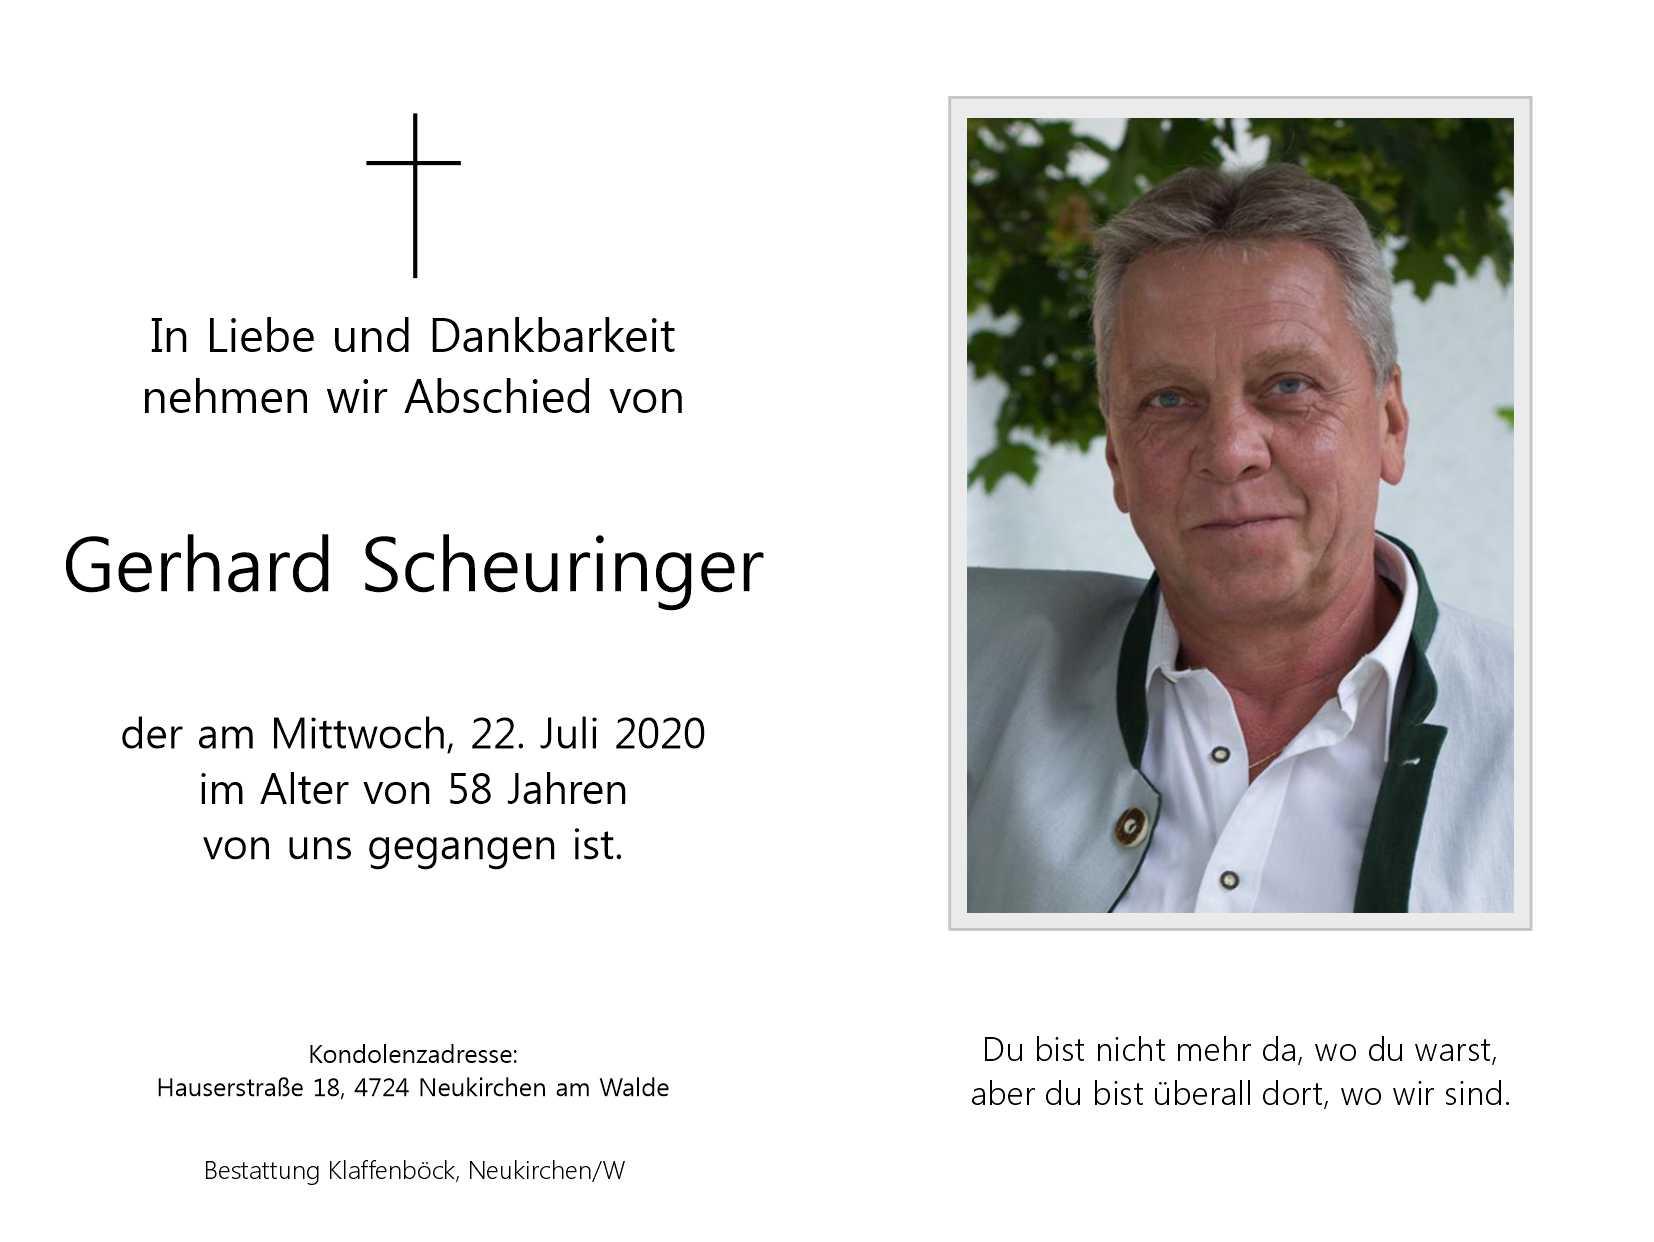 Die Sportunion trauert um Gerhard Scheuringer!